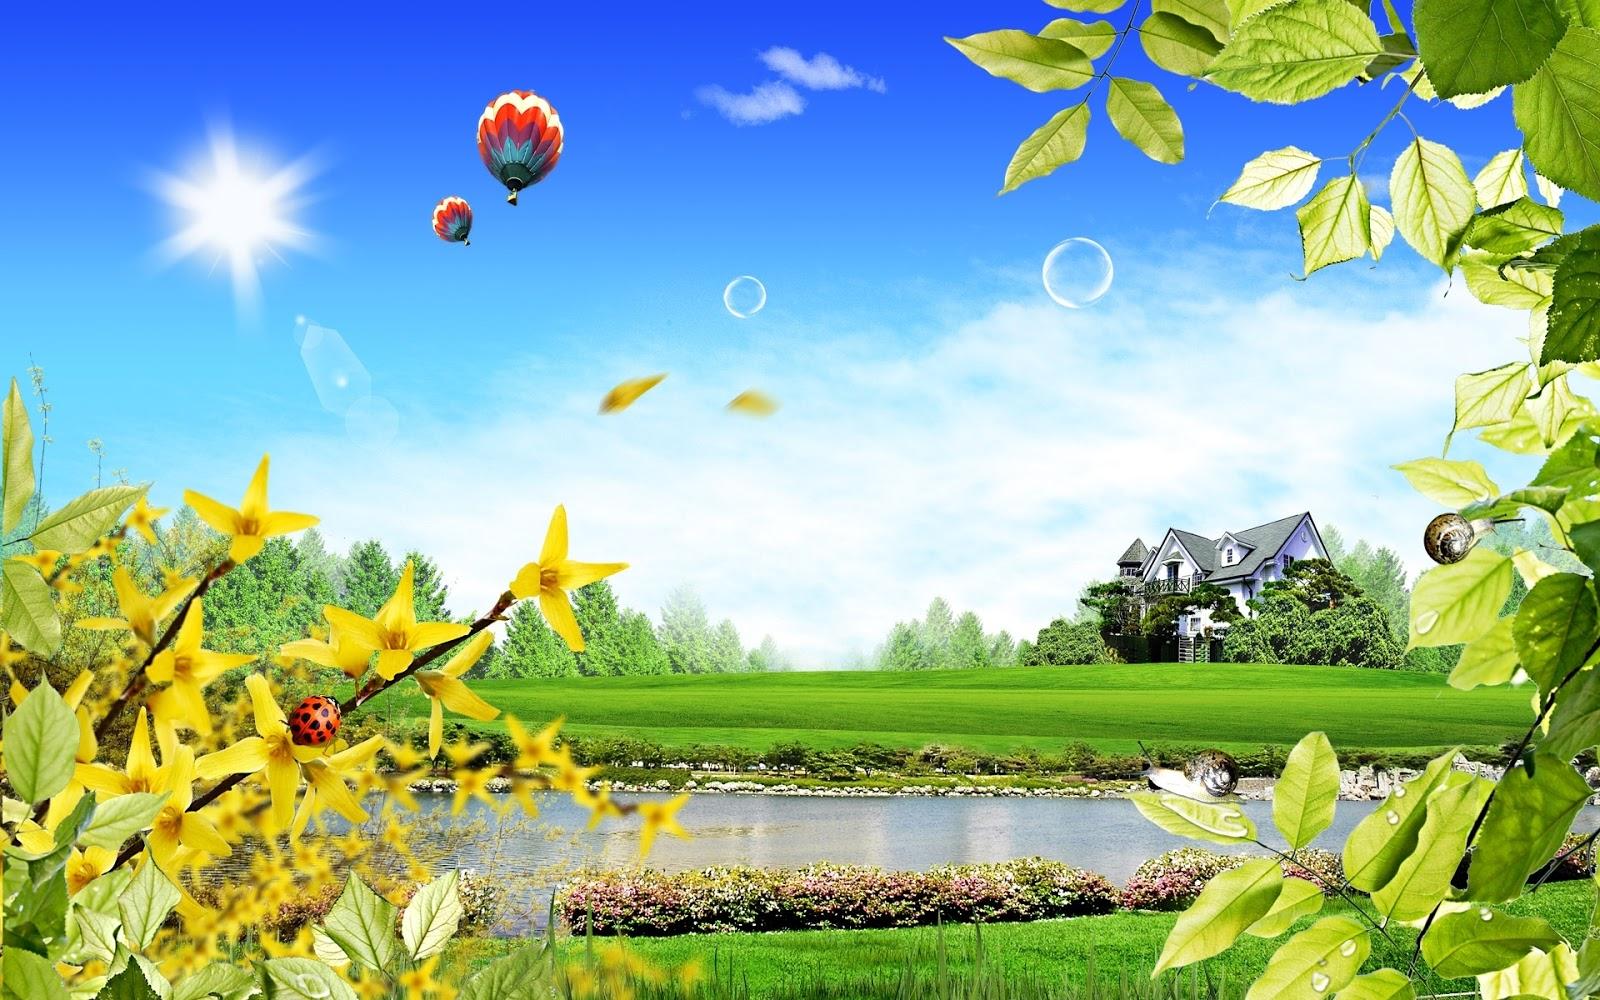 بالصور افضل مناظر طبيعية في العالم  خلابة تبهر المشاهد لها 993ca74482c18d933aa5942c8d2a931f